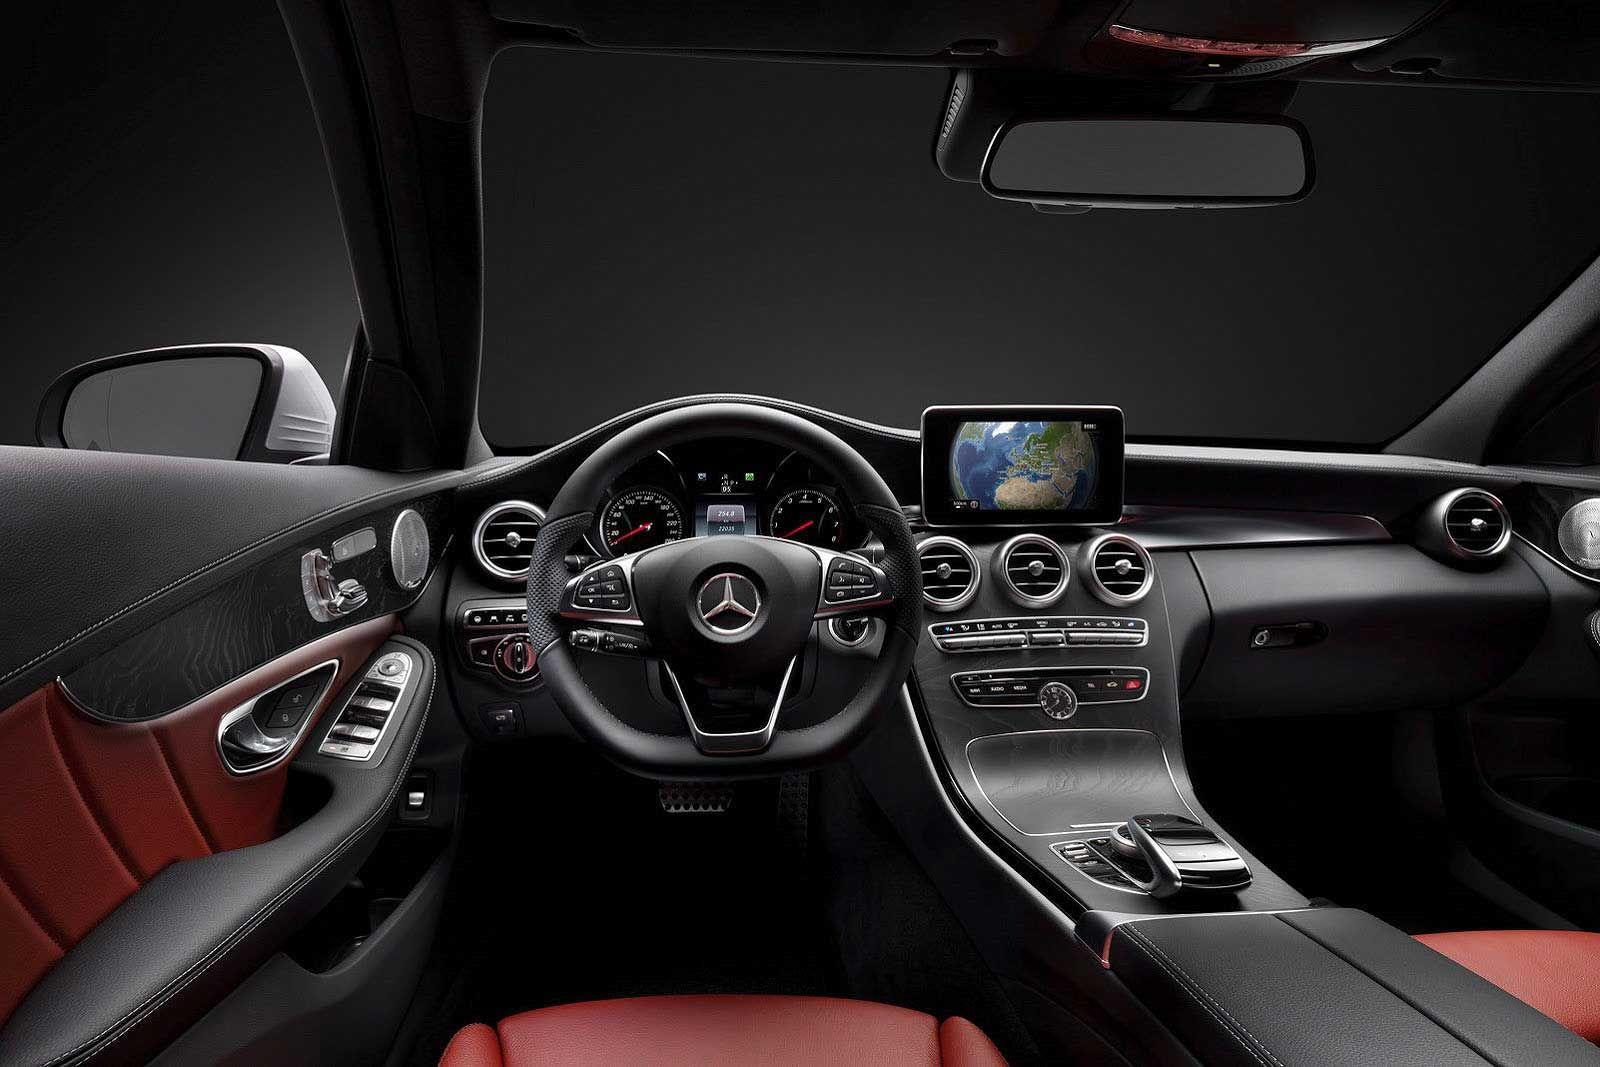 Mercedes Benz C Class Interior Real Wood 0 0 C Class Mercedes